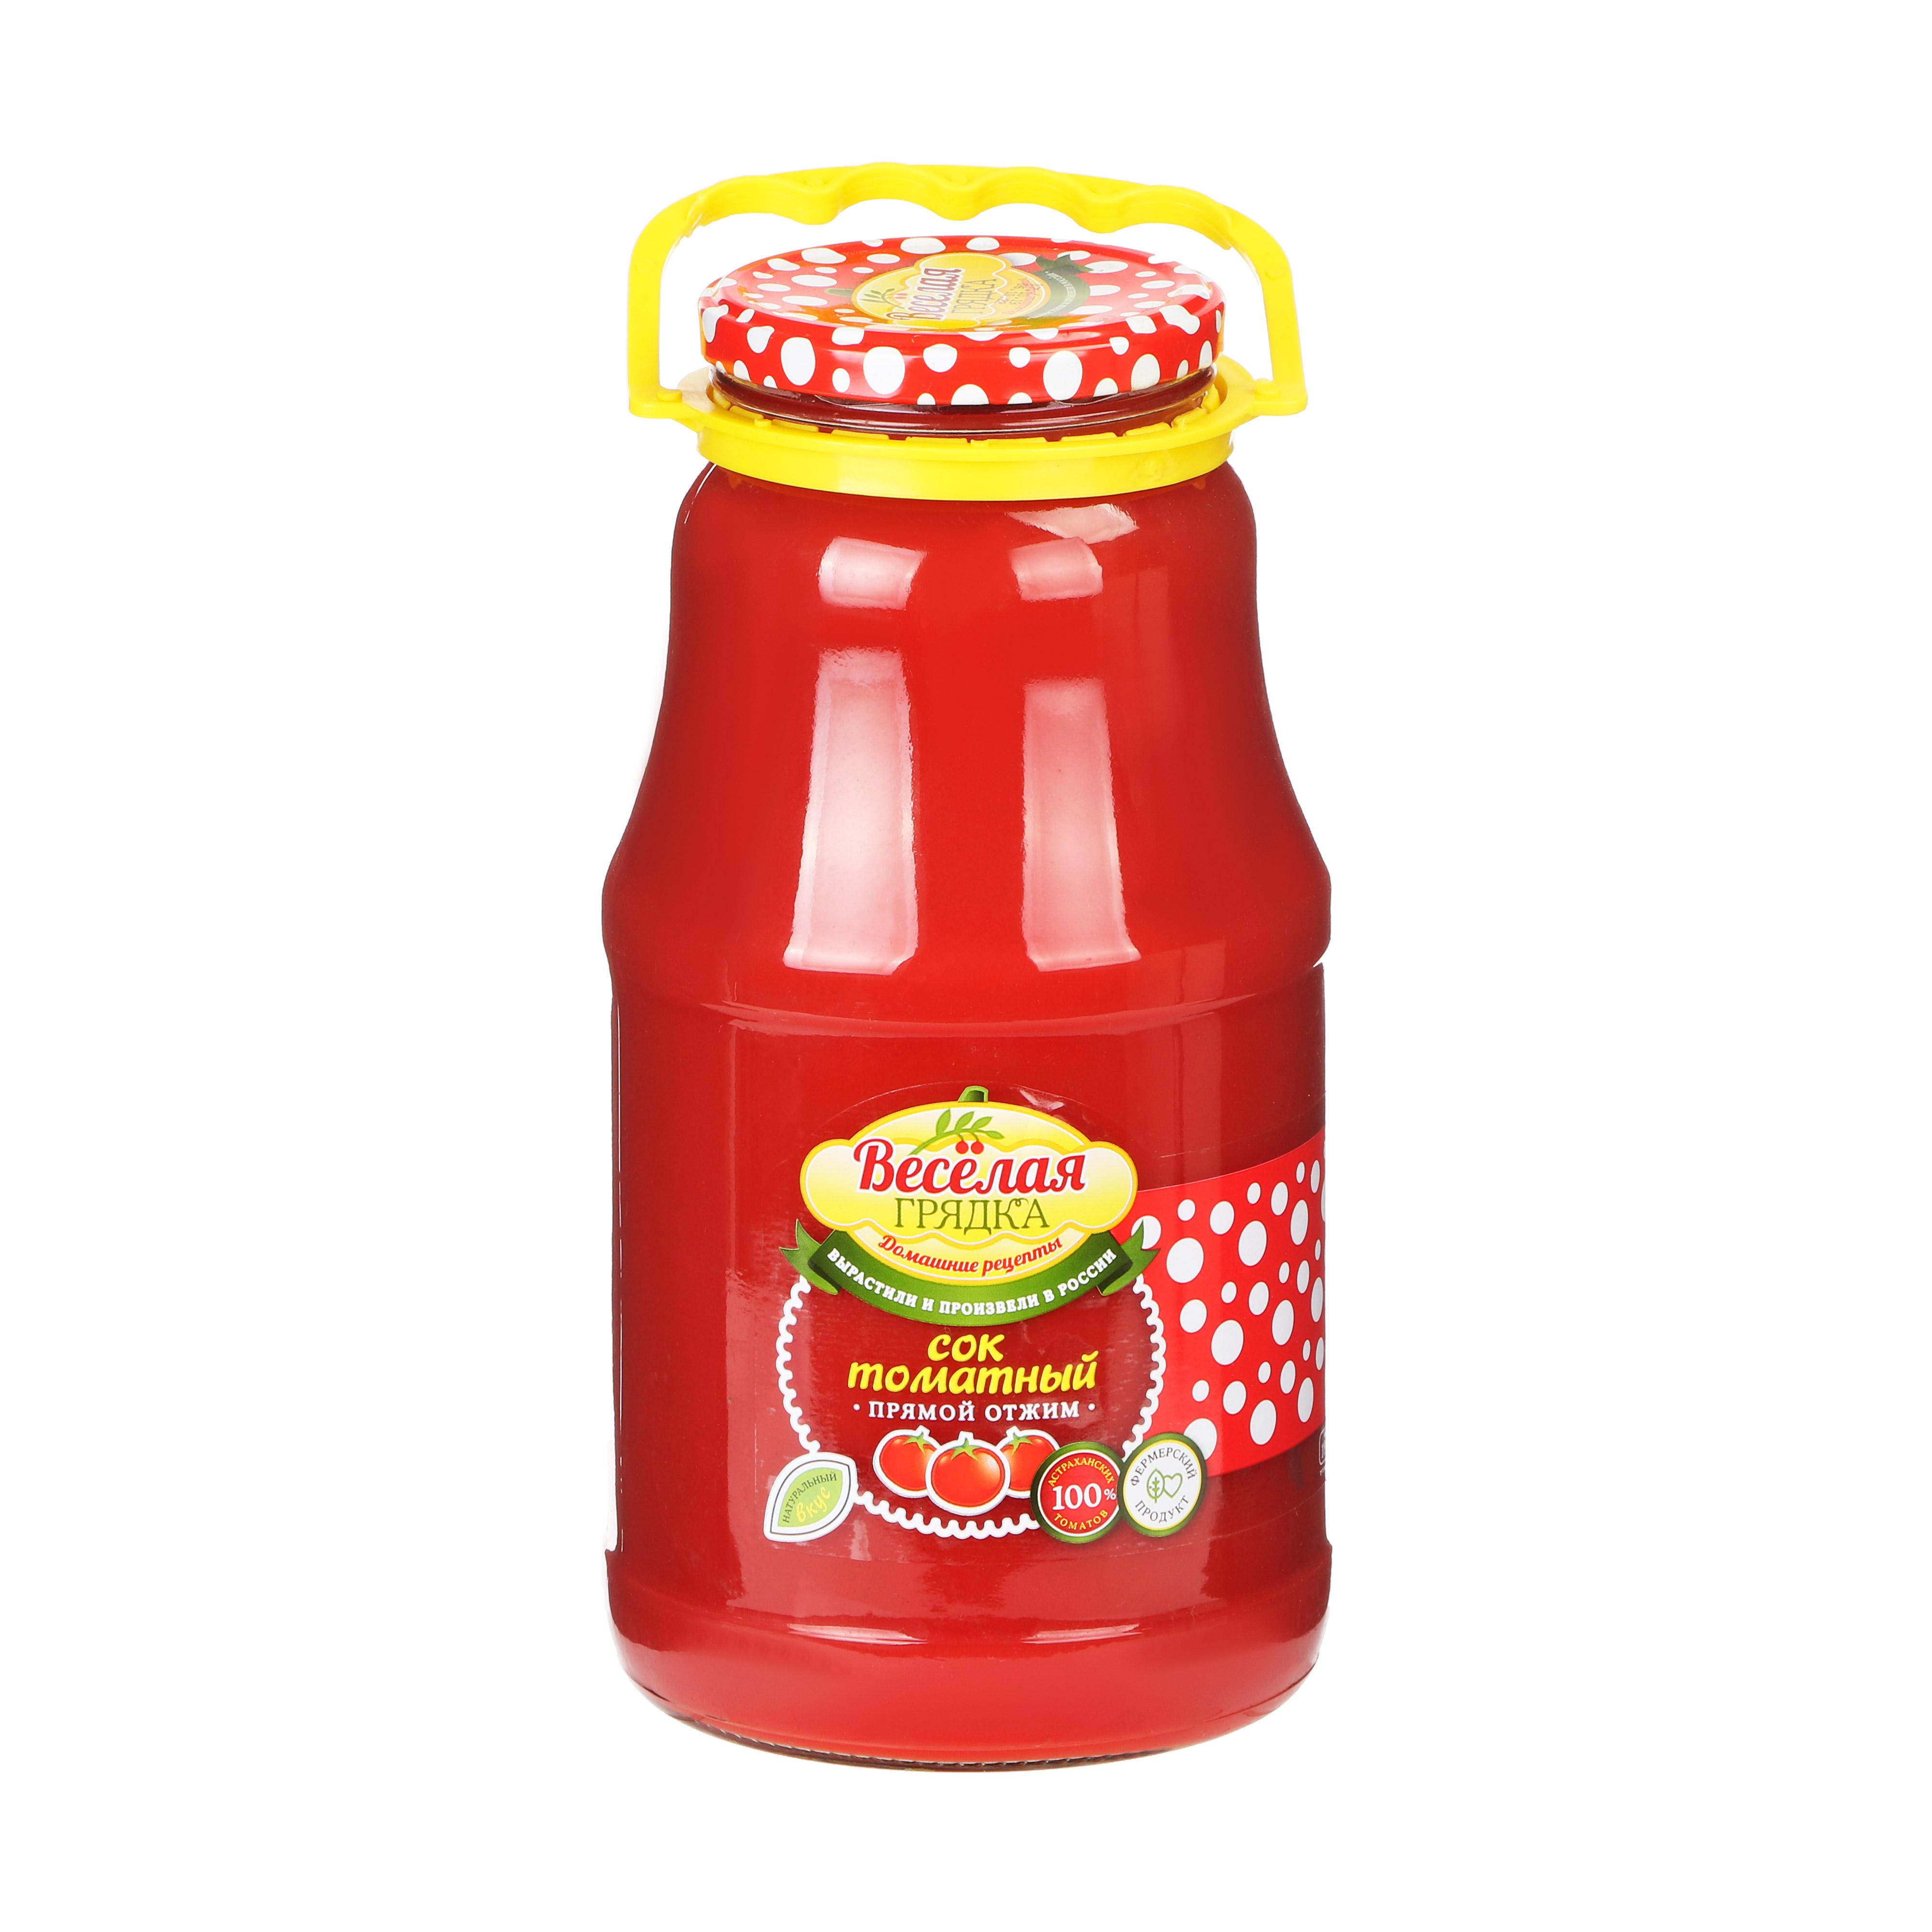 Сок томатный Веселая Грядка прямого отжима 1,8 л